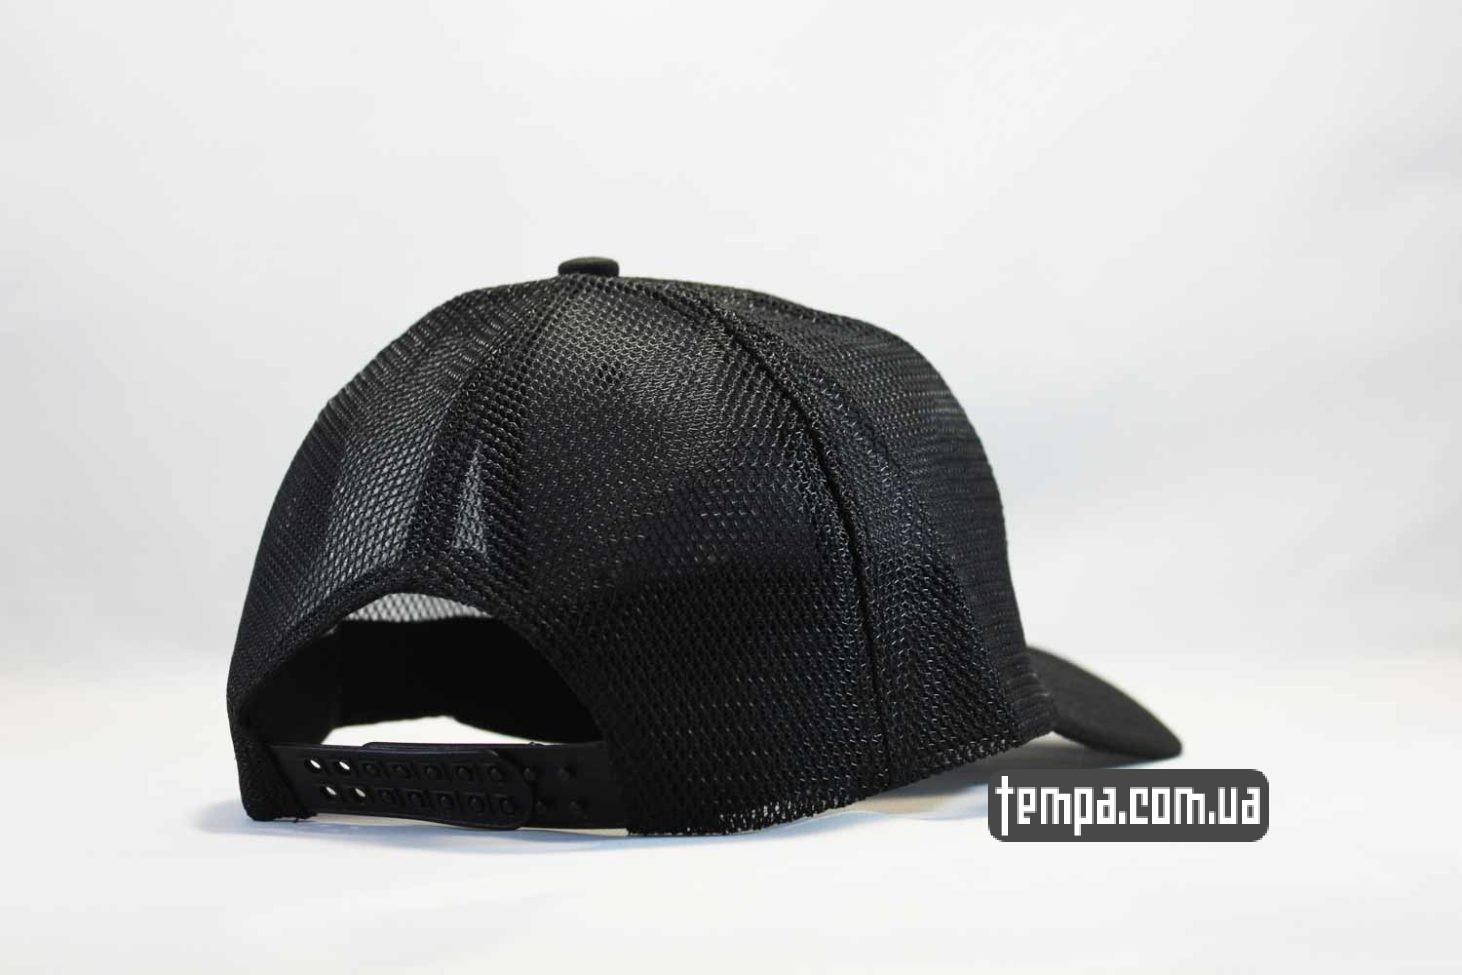 гнущийся козырек кепка бейсболка FILA черная black trucker с сеточкой